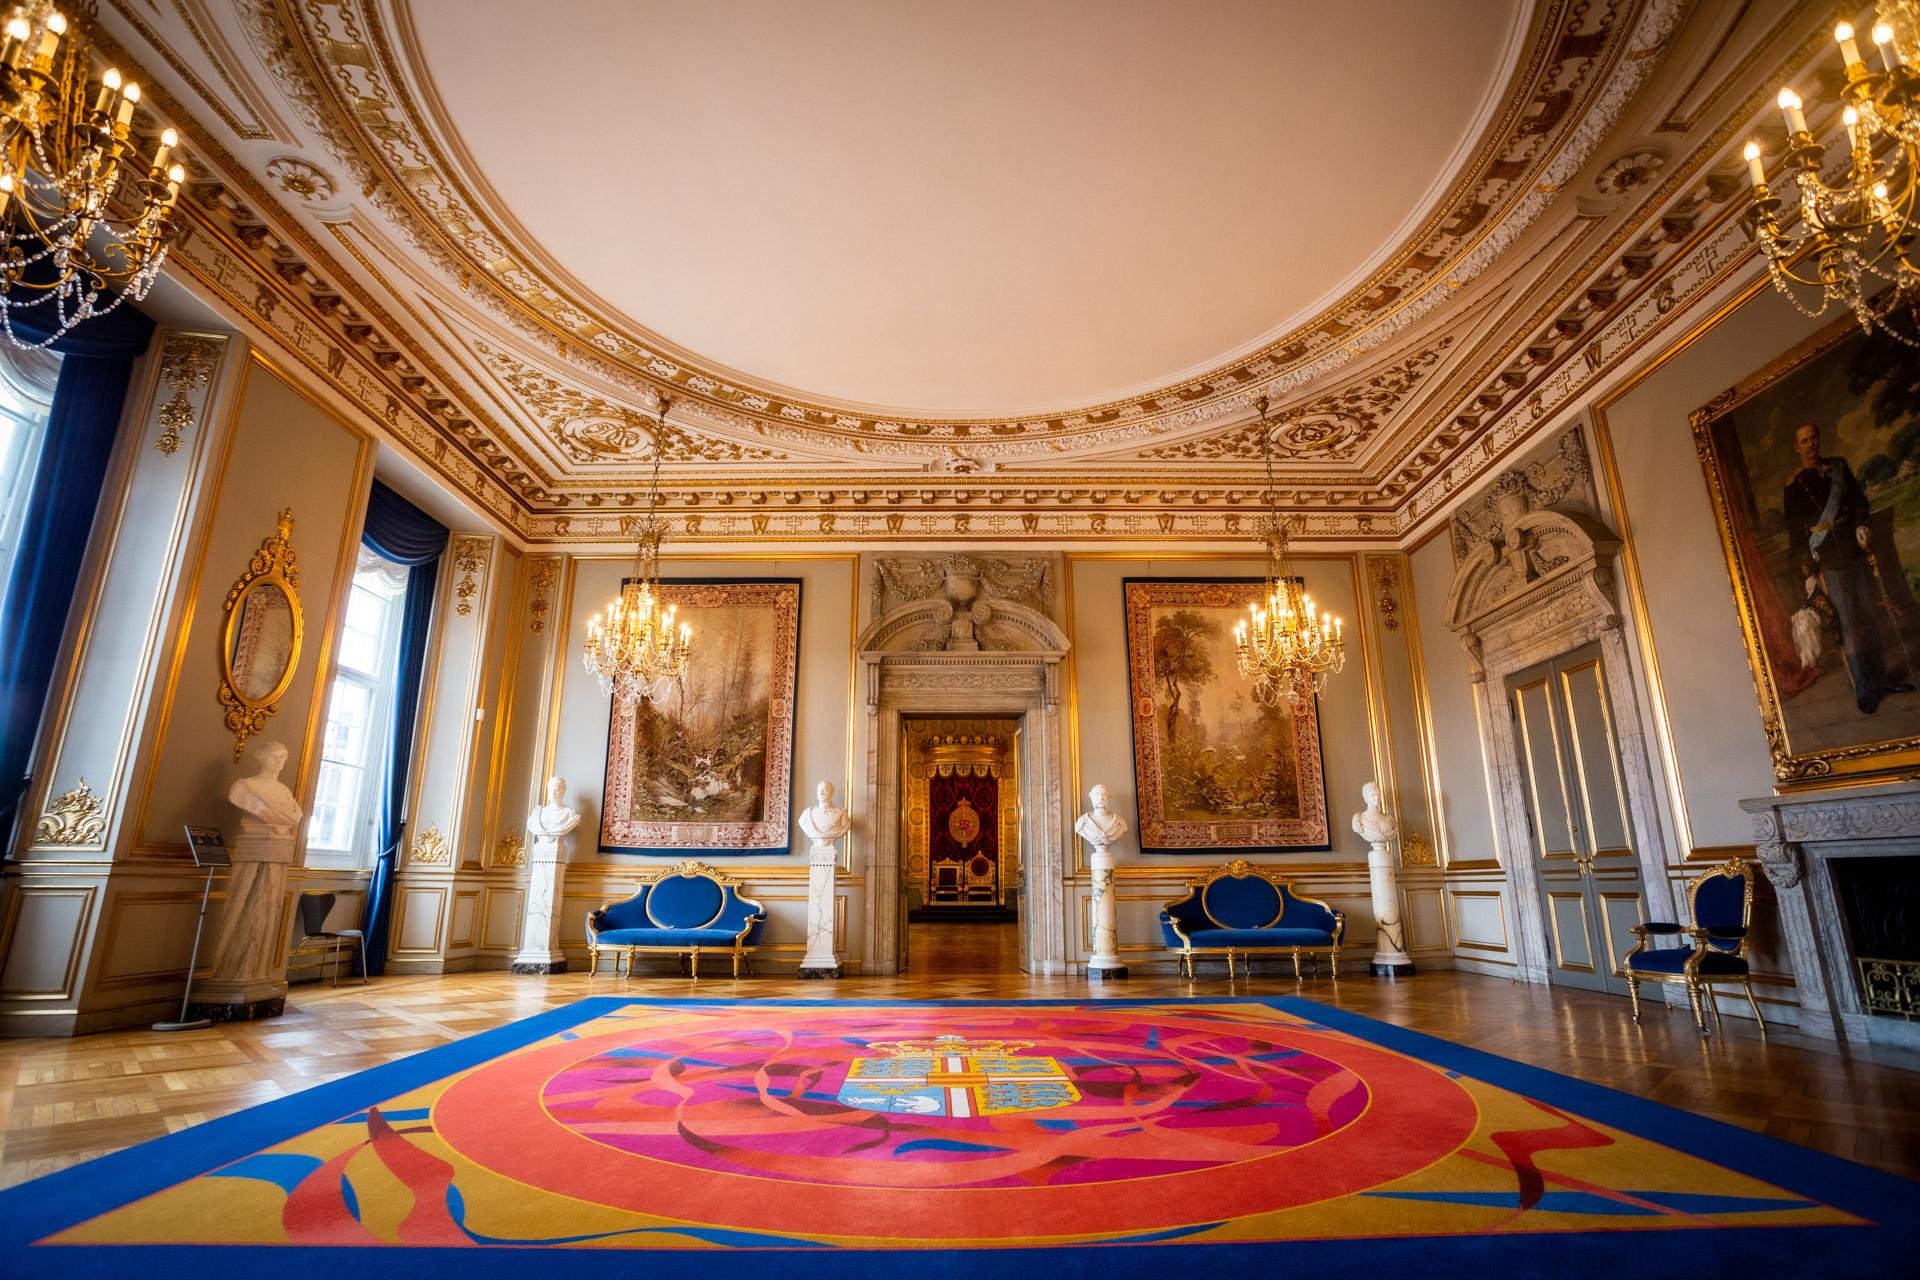 Wit met gouden kamer in de Royal Reception Rooms met doorkijk naar de Troonkamer en een gekleurd opvallend kleed